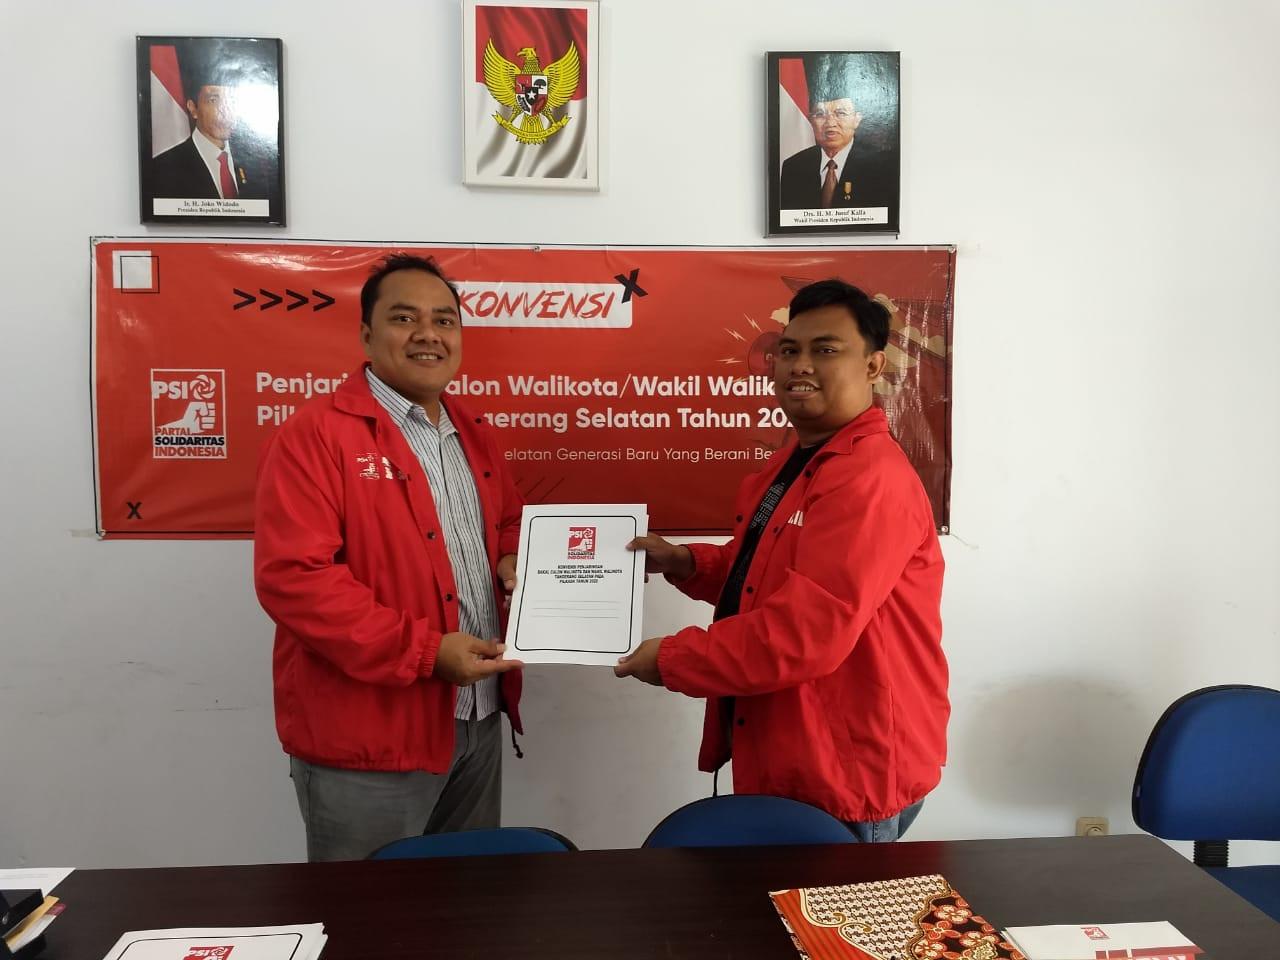 Kokok Dirgantoro Ikut Konvensi PSI untuk Calon Wali Kota Tangsel 2020 - JPNN.com